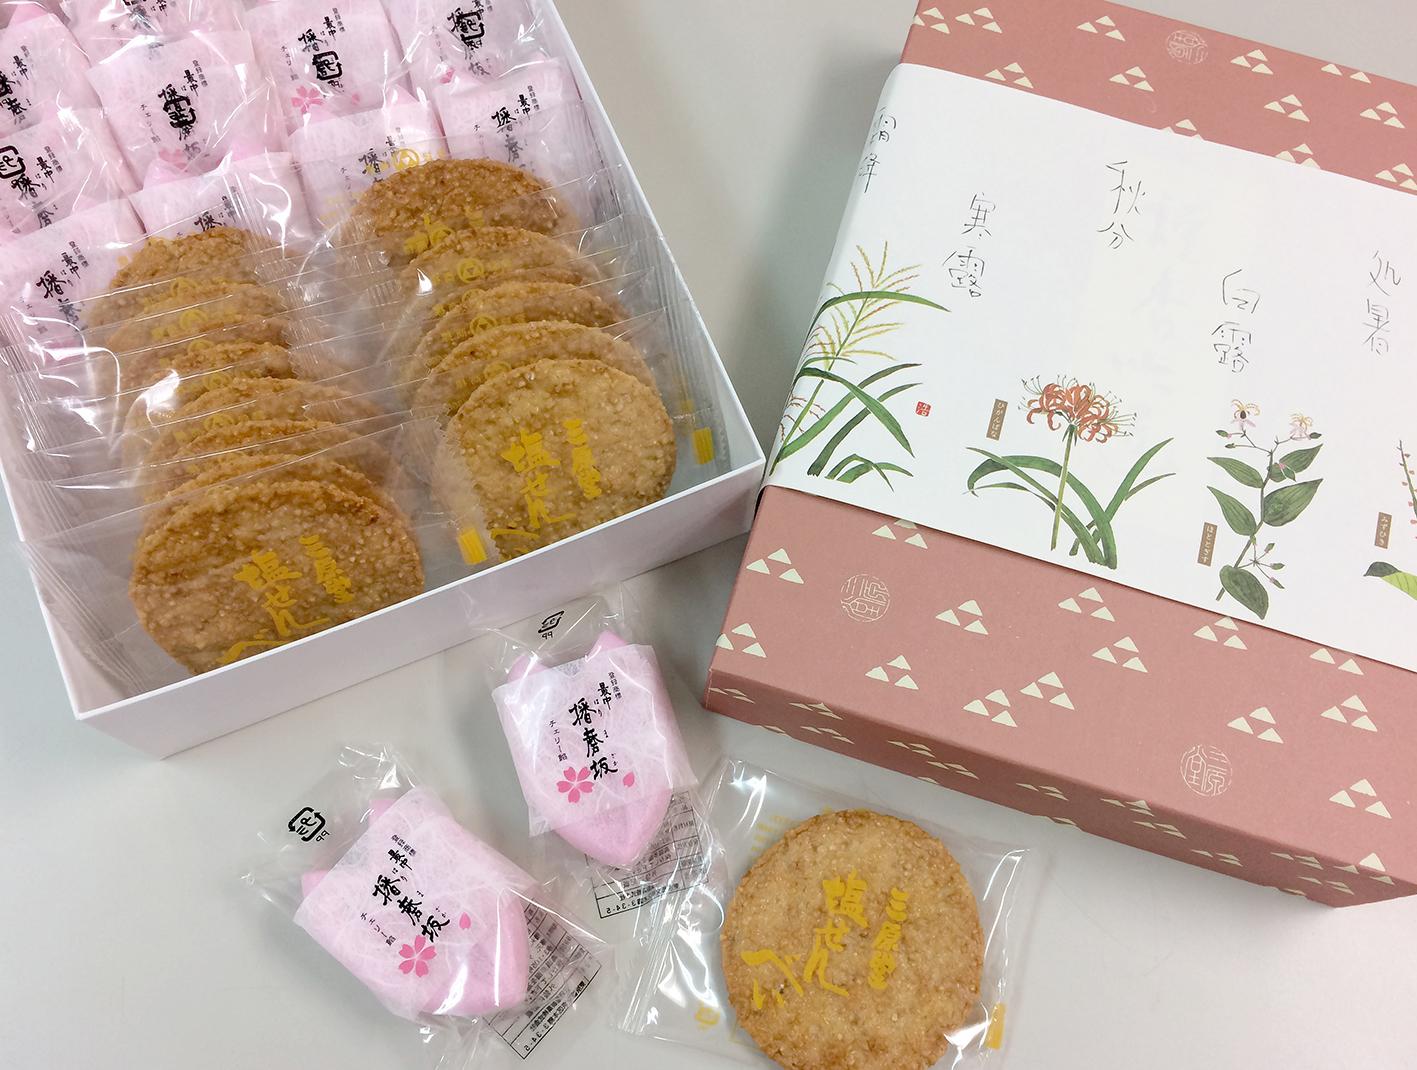 本郷三原堂 播磨坂・塩せんべい